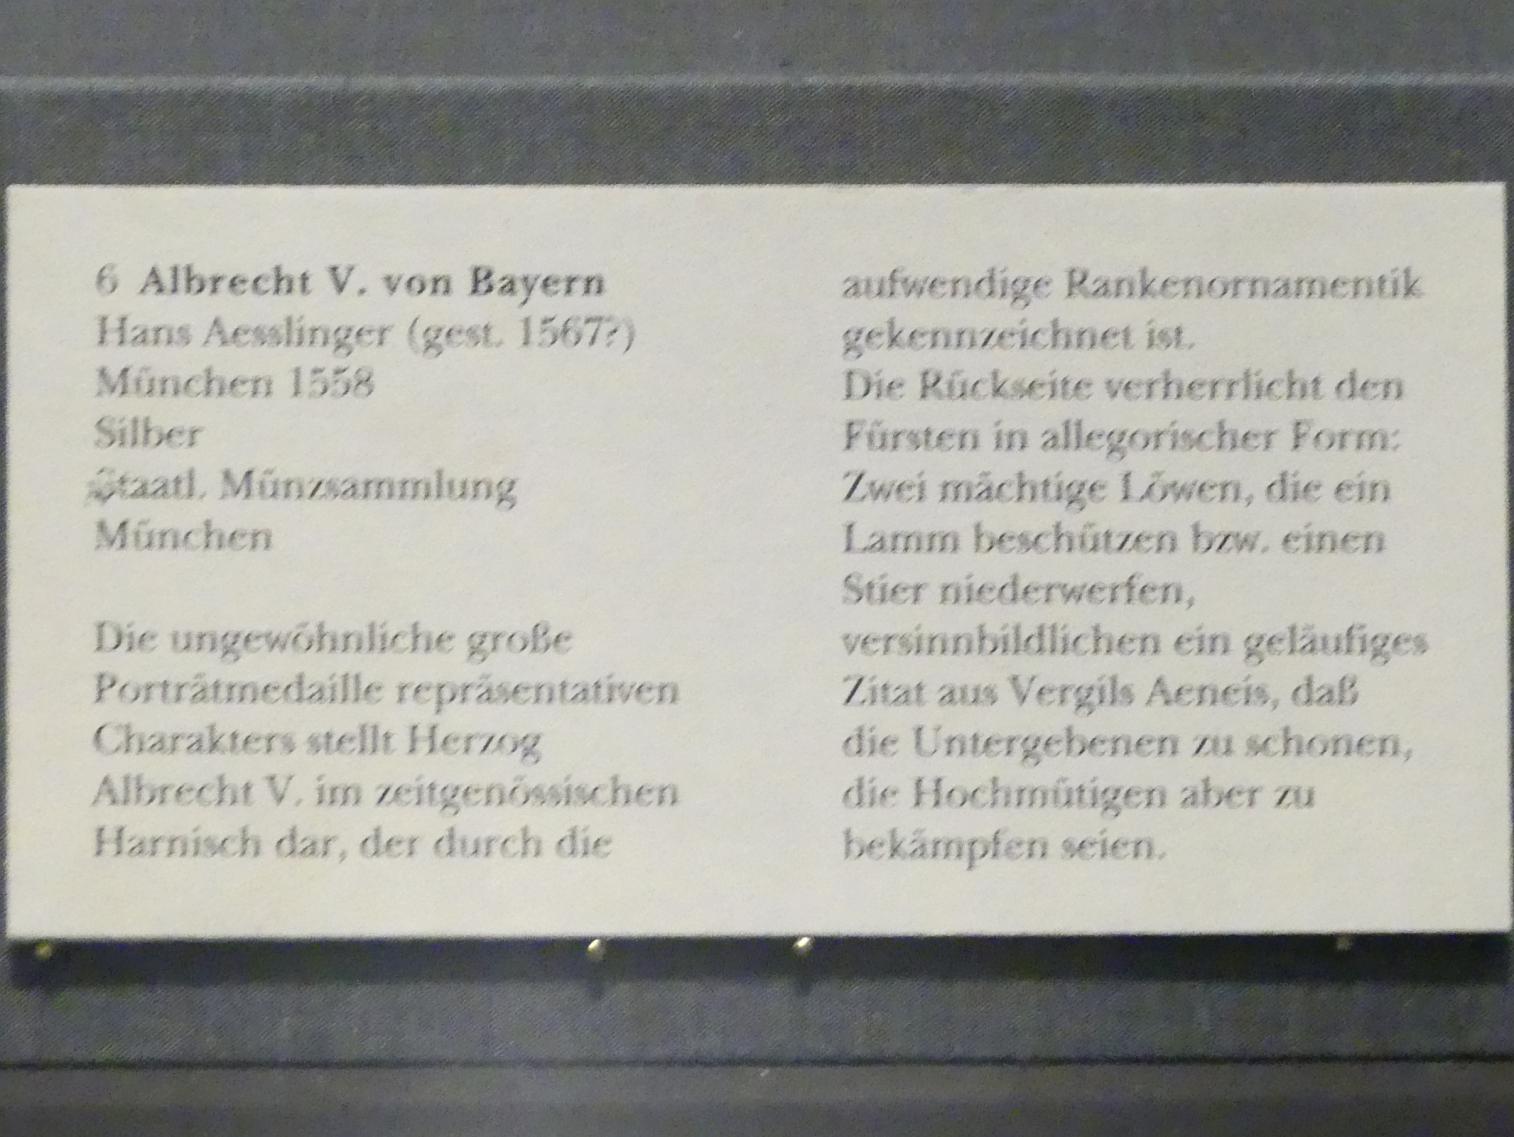 Hans Aesslinger: Albrecht V. von Bayern, 1558, Bild 2/2